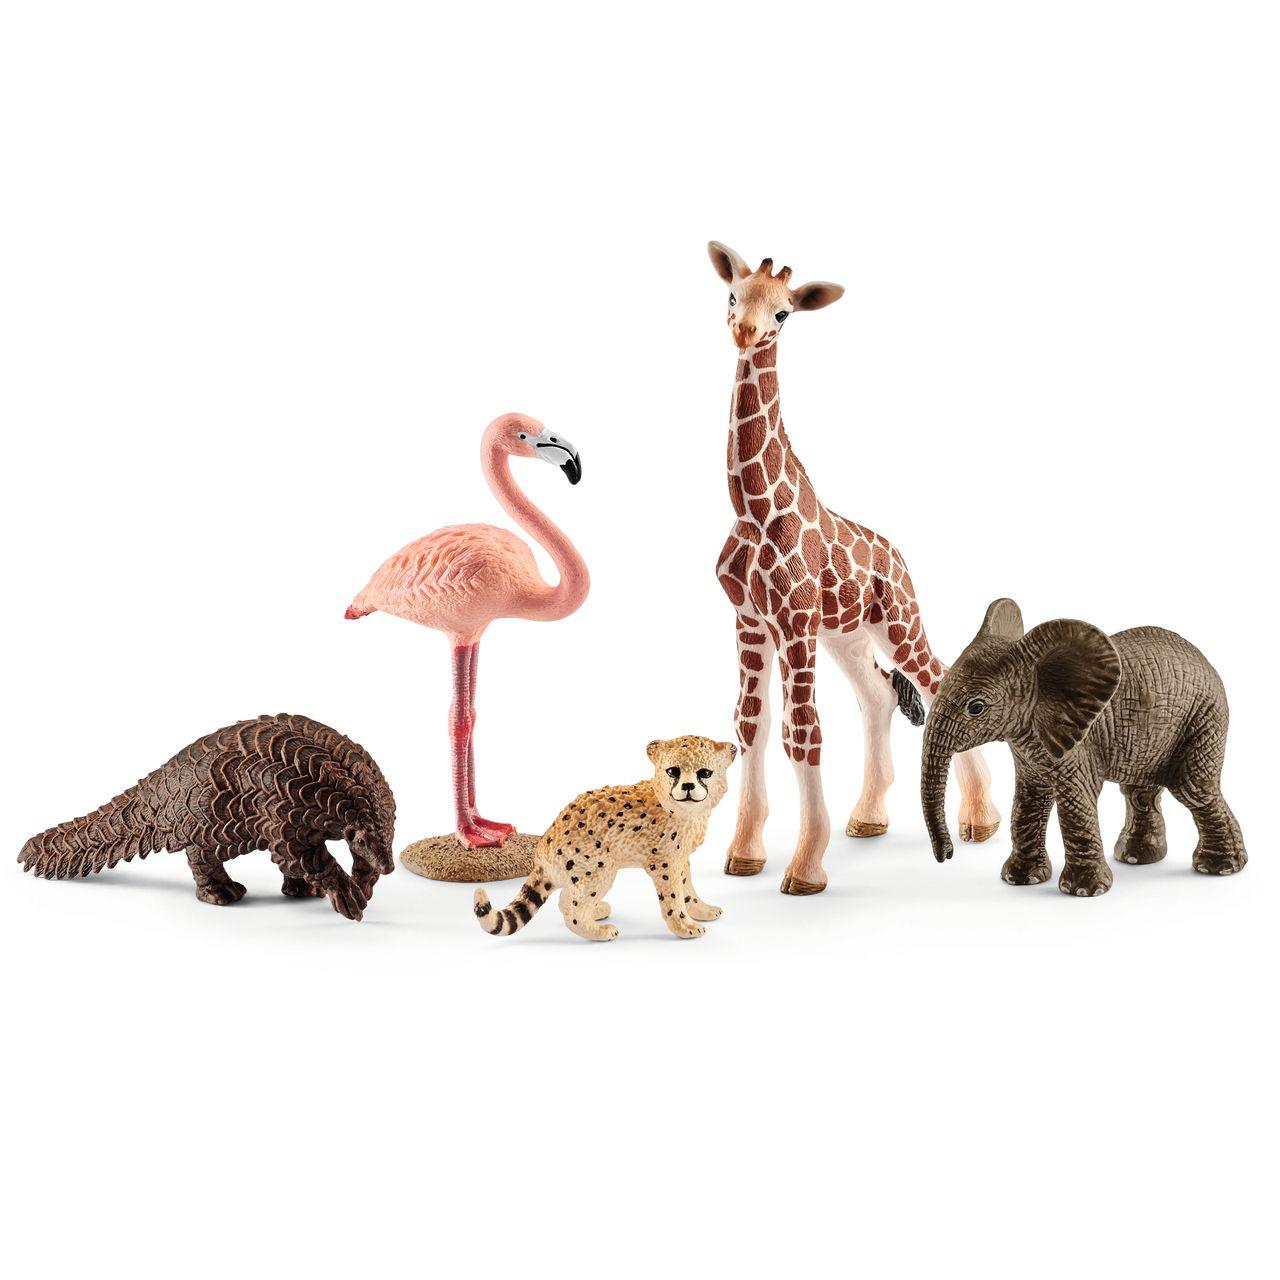 Schleich Assorted Wildlife Animals Worldwide shipping